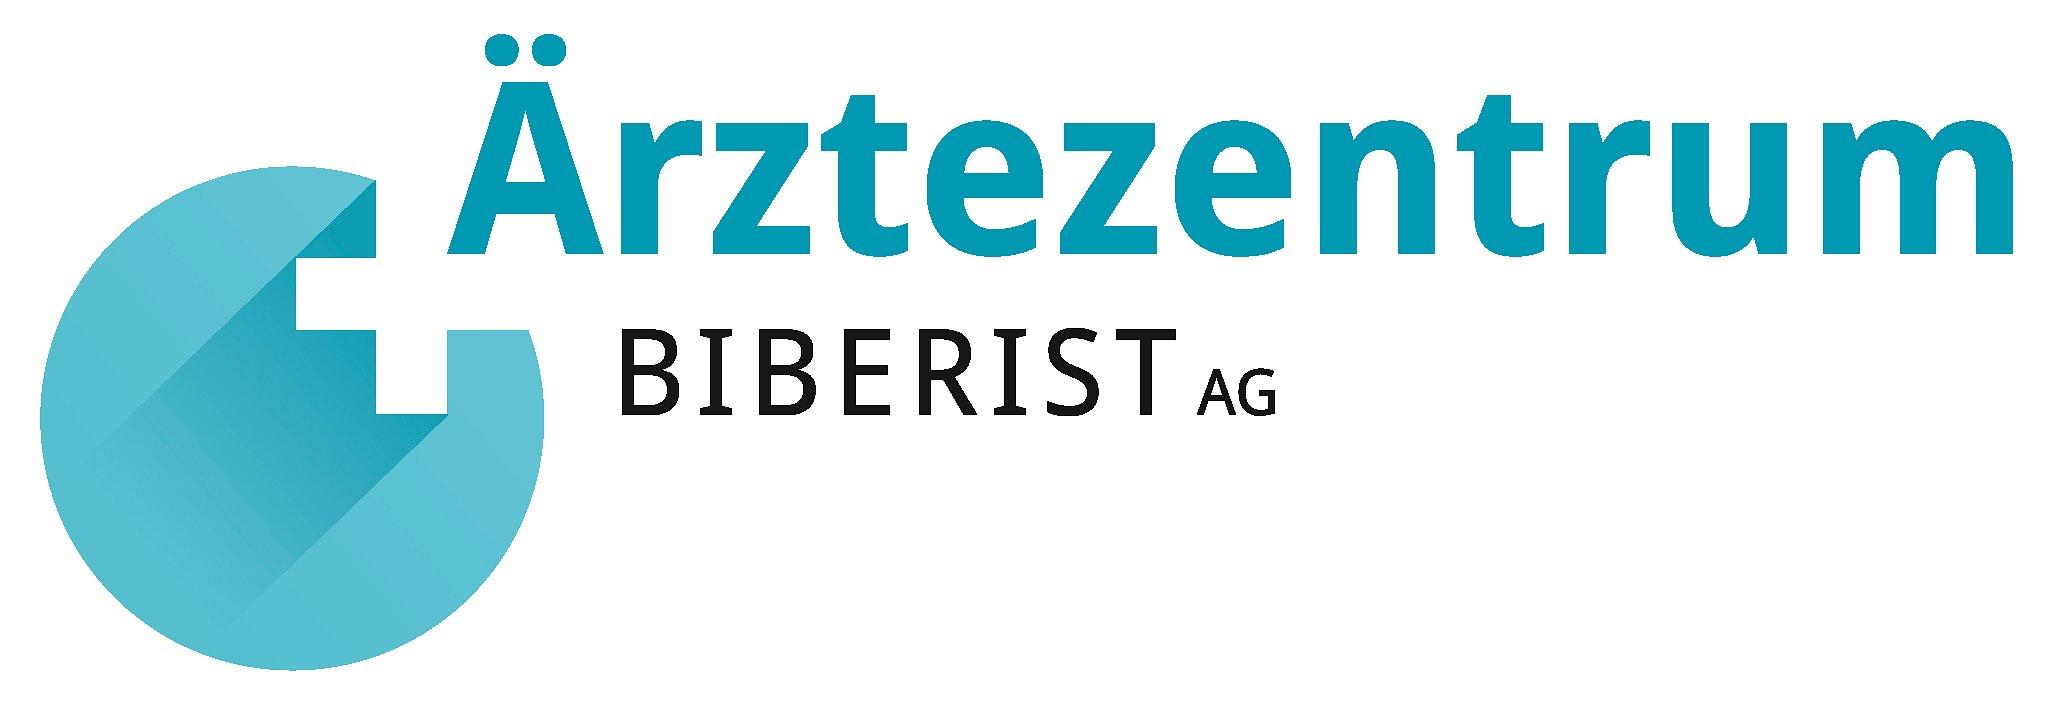 Ärztezentrum Biberist AG